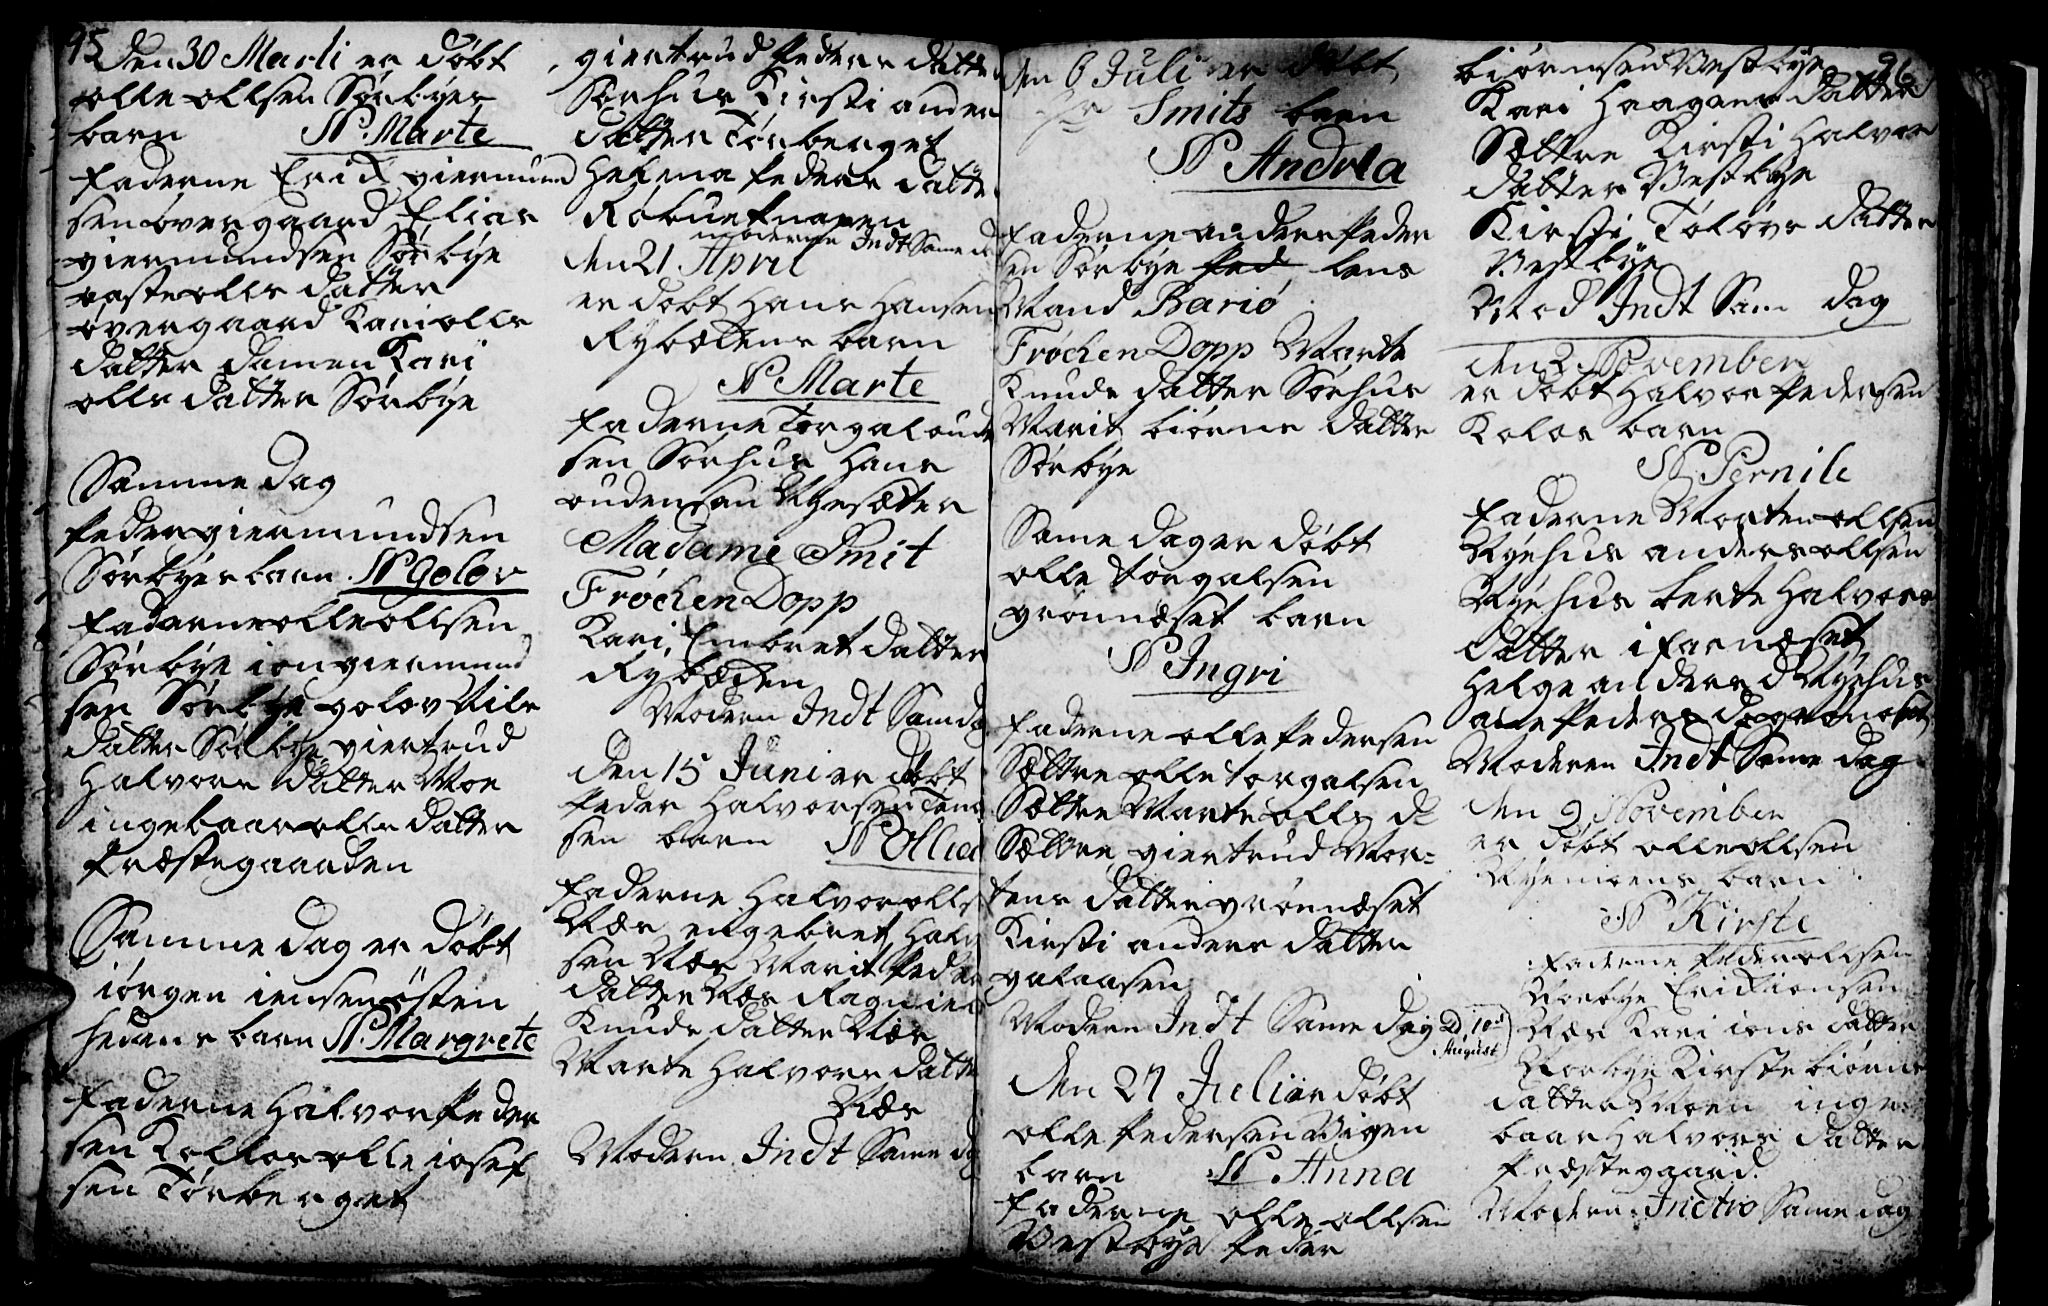 SAH, Trysil prestekontor, Klokkerbok nr. 1, 1781-1799, s. 95-96